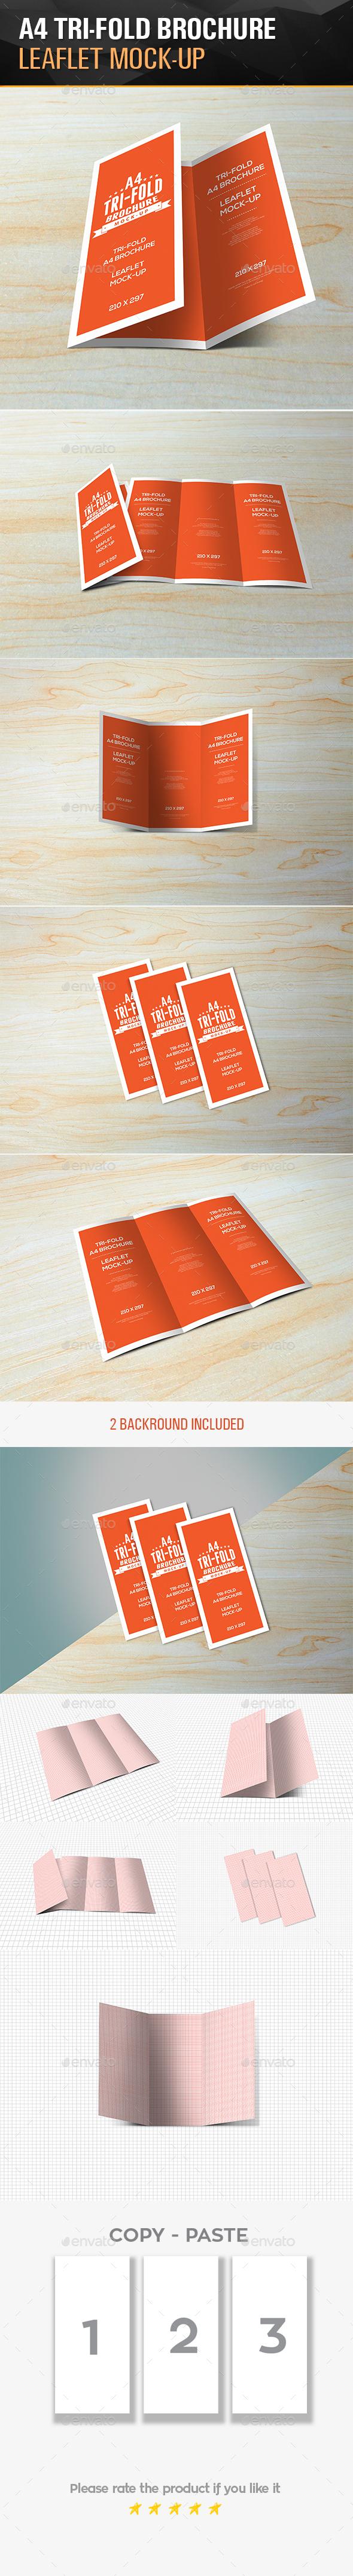 Tri-Fold Leaflet A4 brochure Mockups - Brochures Print